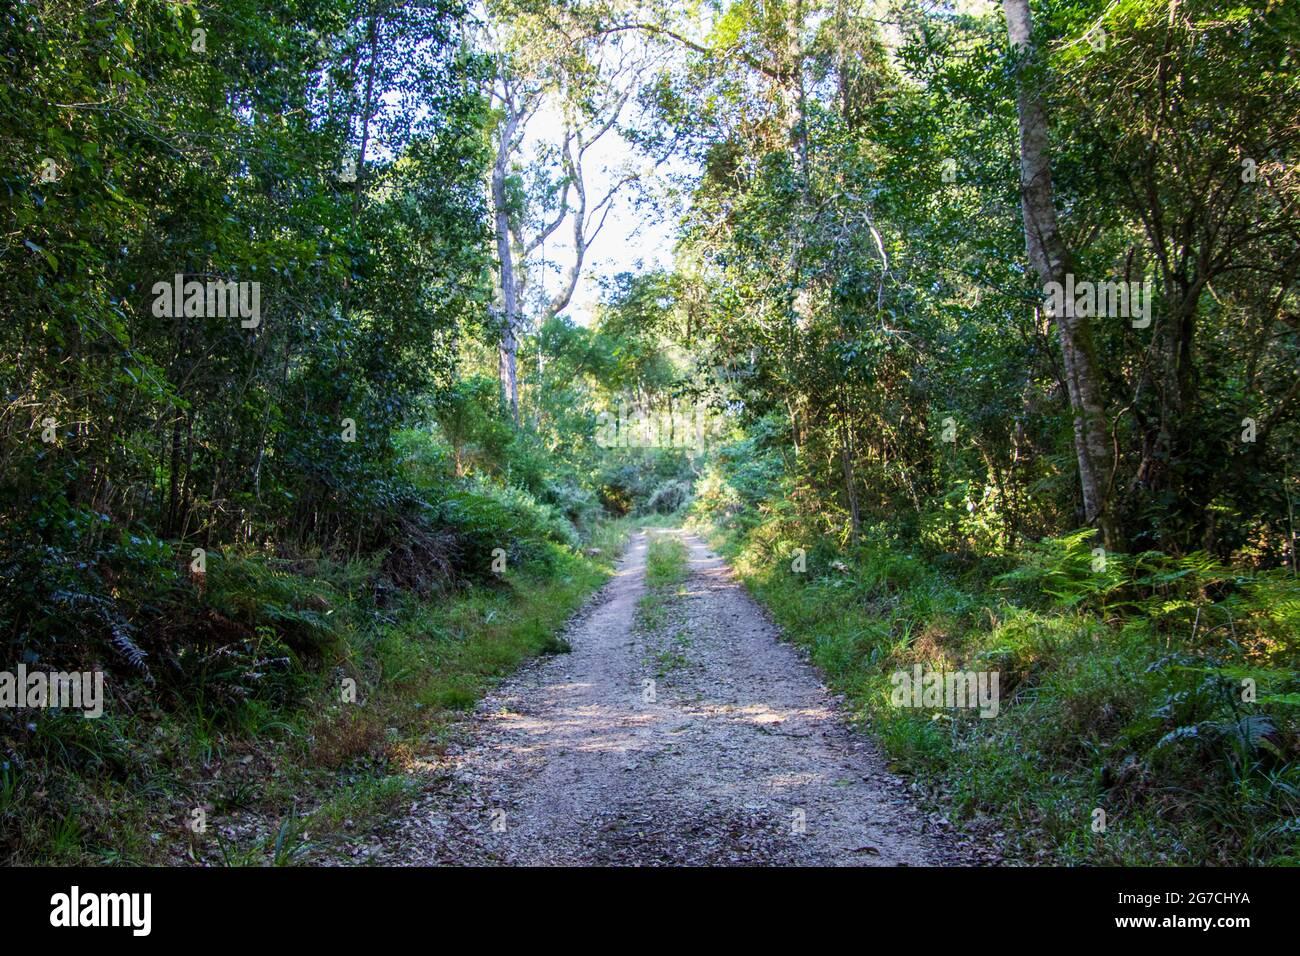 Una pista de tierra conduce a través del bosque a un destino desconocido Foto de stock